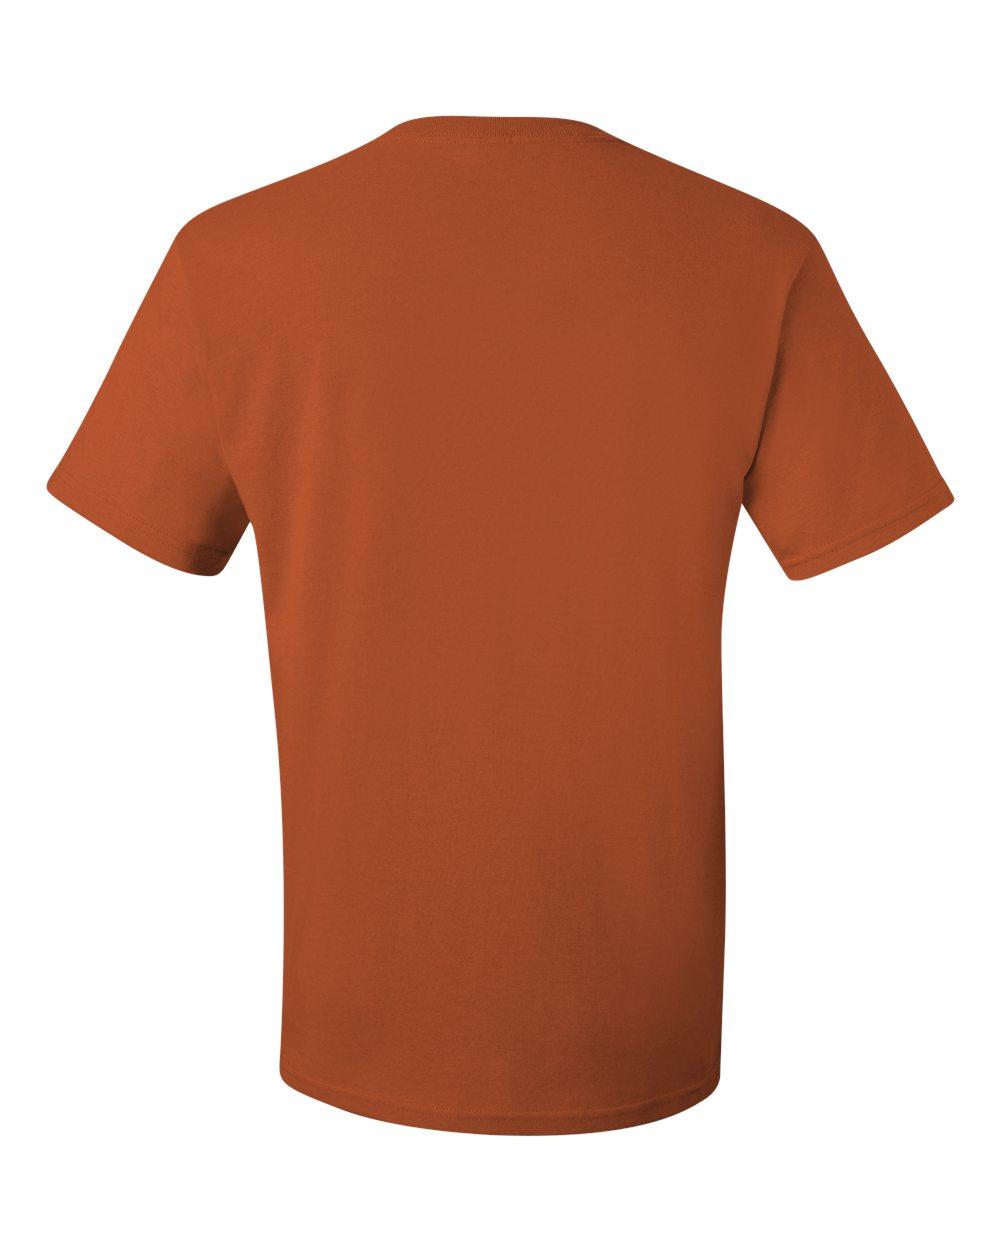 Jerzees-Men-039-s-5-6-oz-50-50-Heavyweight-Blend-T-Shirt-29M-S-4XL thumbnail 34